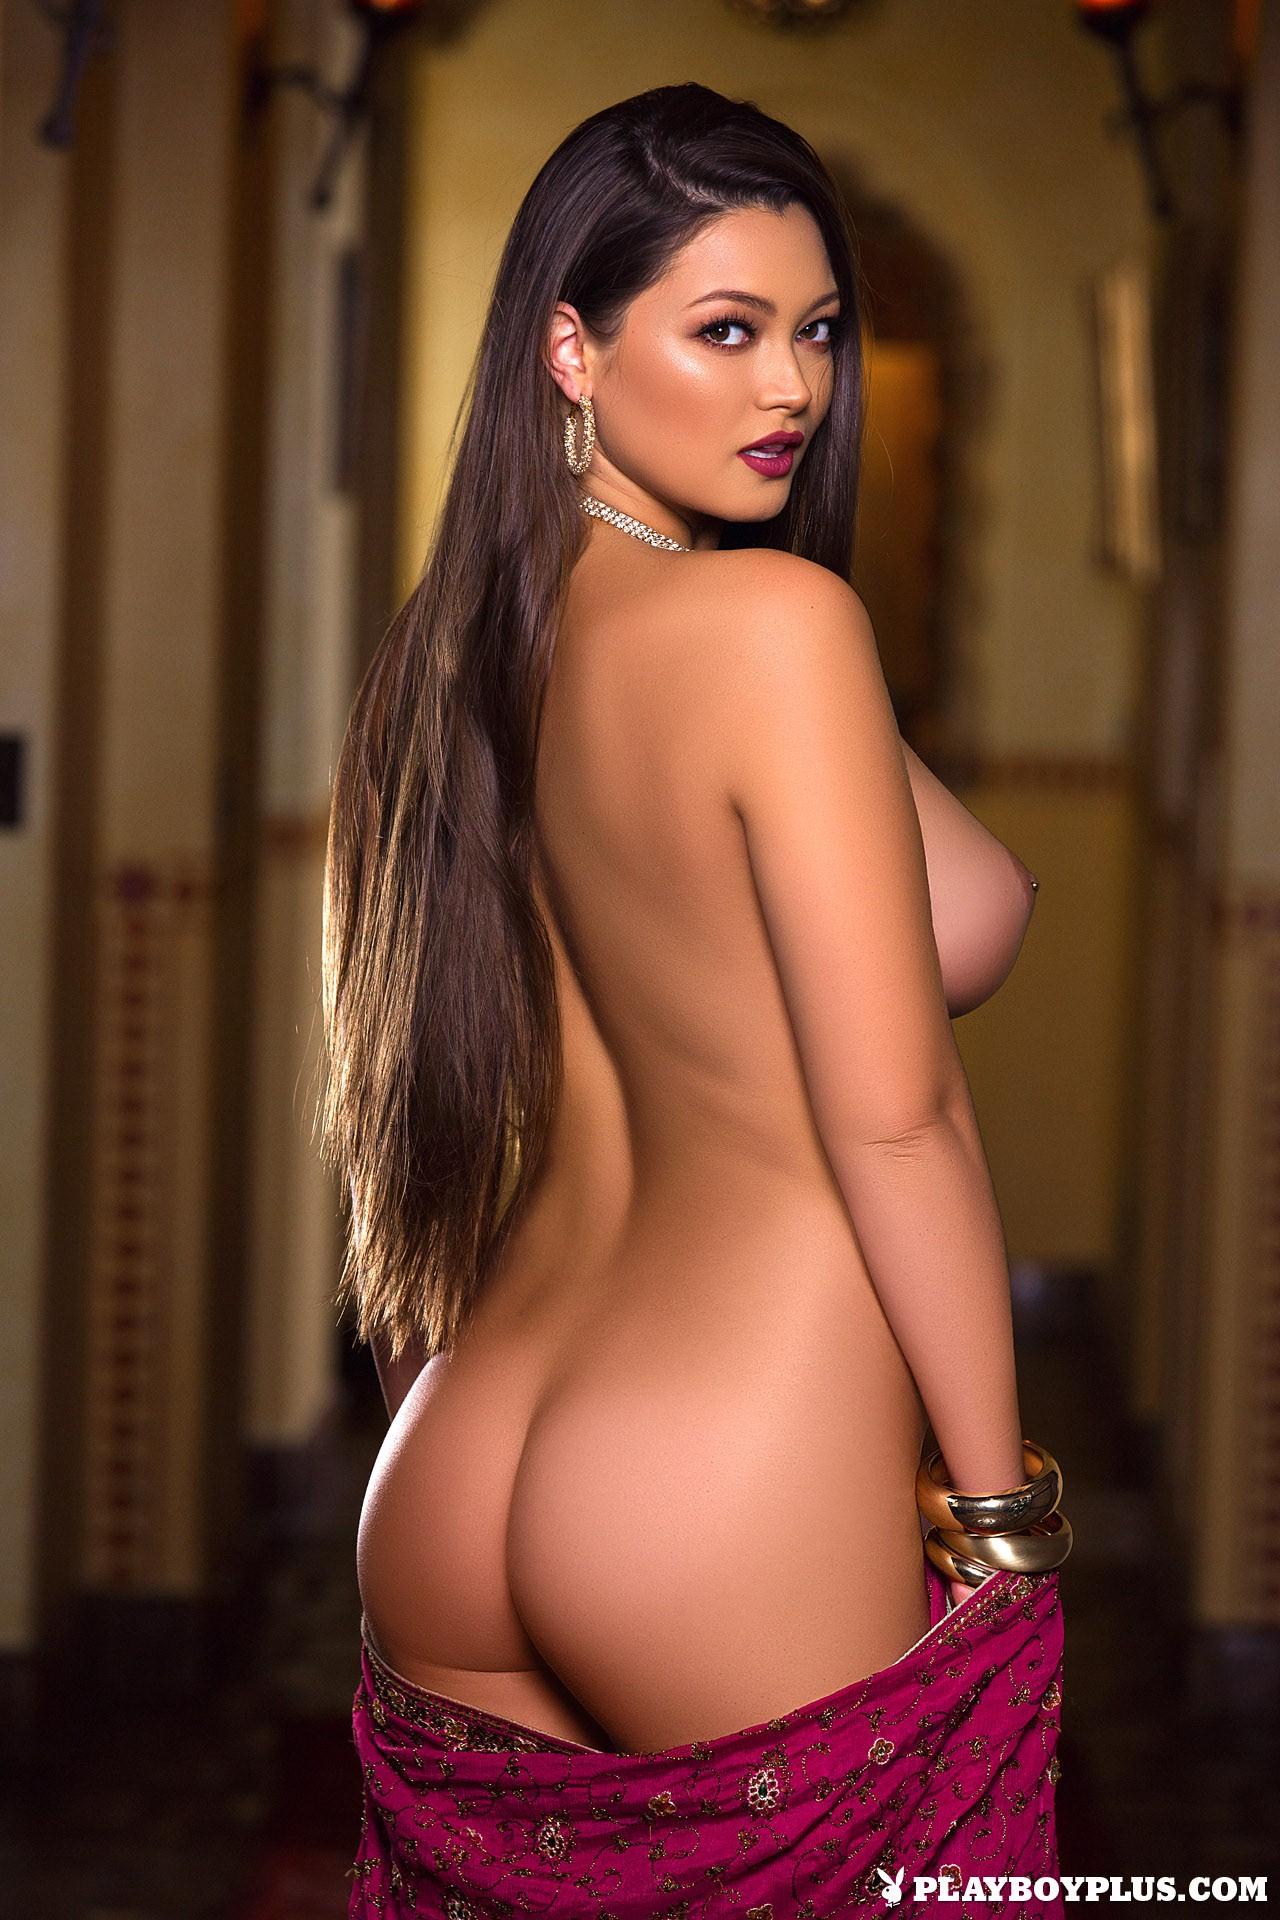 Perfect boobs girl sexy webcam striptease dance 7